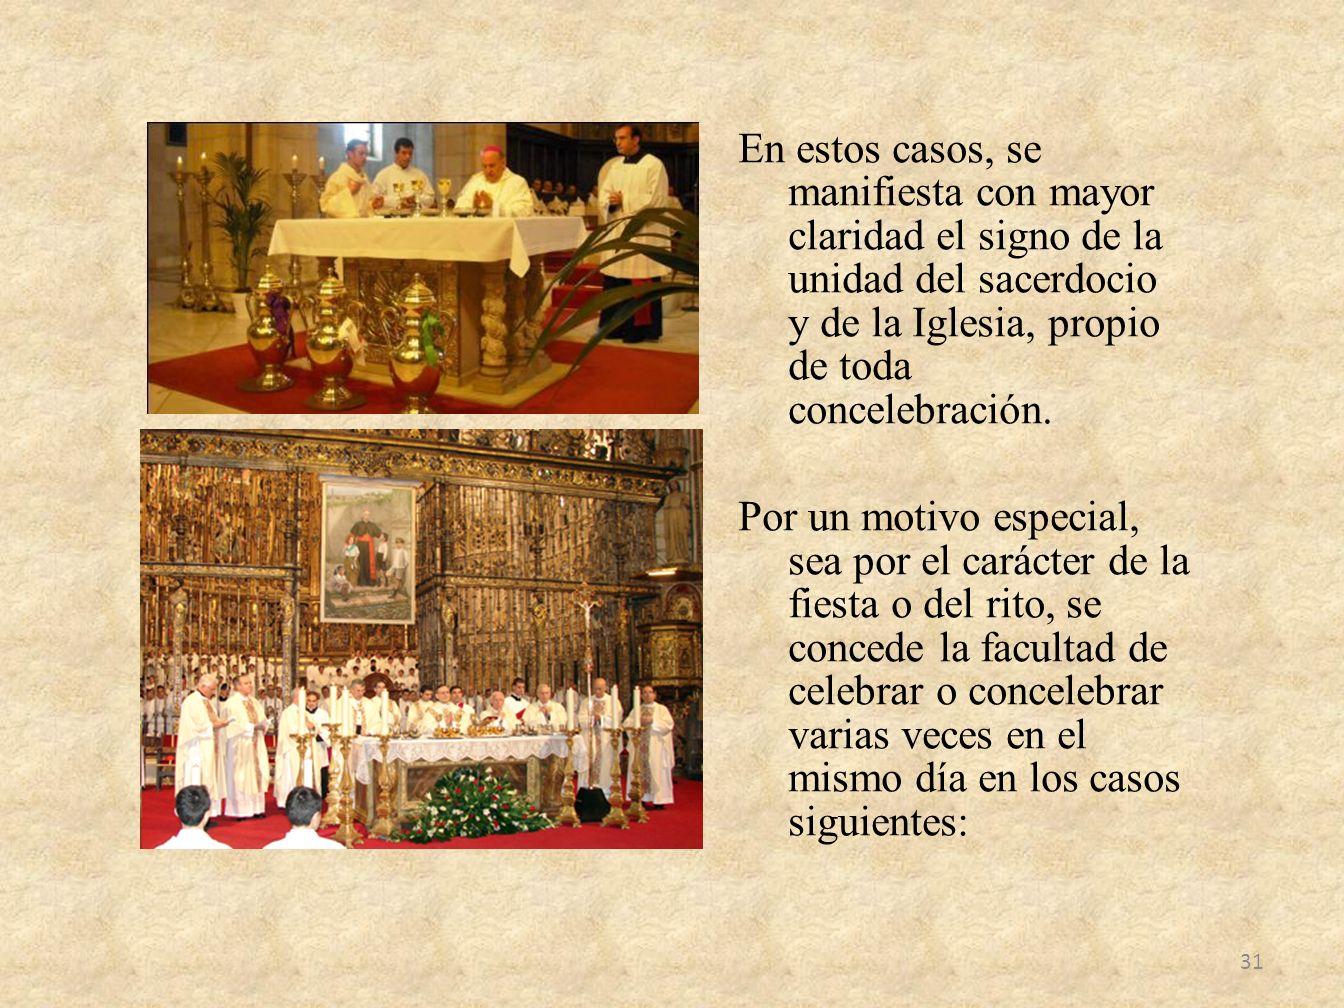 En estos casos, se manifiesta con mayor claridad el signo de la unidad del sacerdocio y de la Iglesia, propio de toda concelebración. Por un motivo es